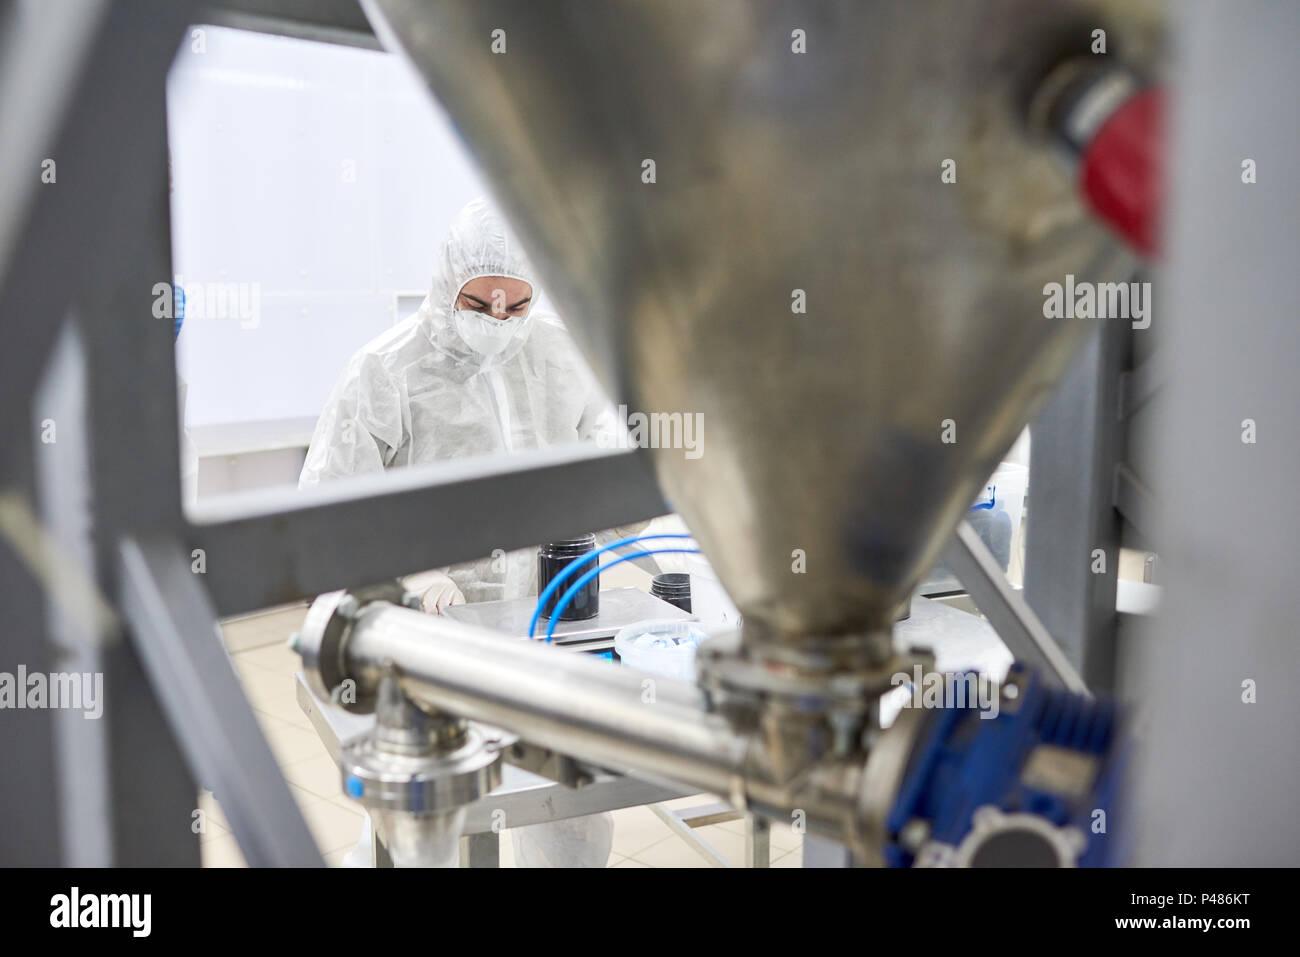 Trabajador de la fábrica de pie detrás del equipo Imagen De Stock